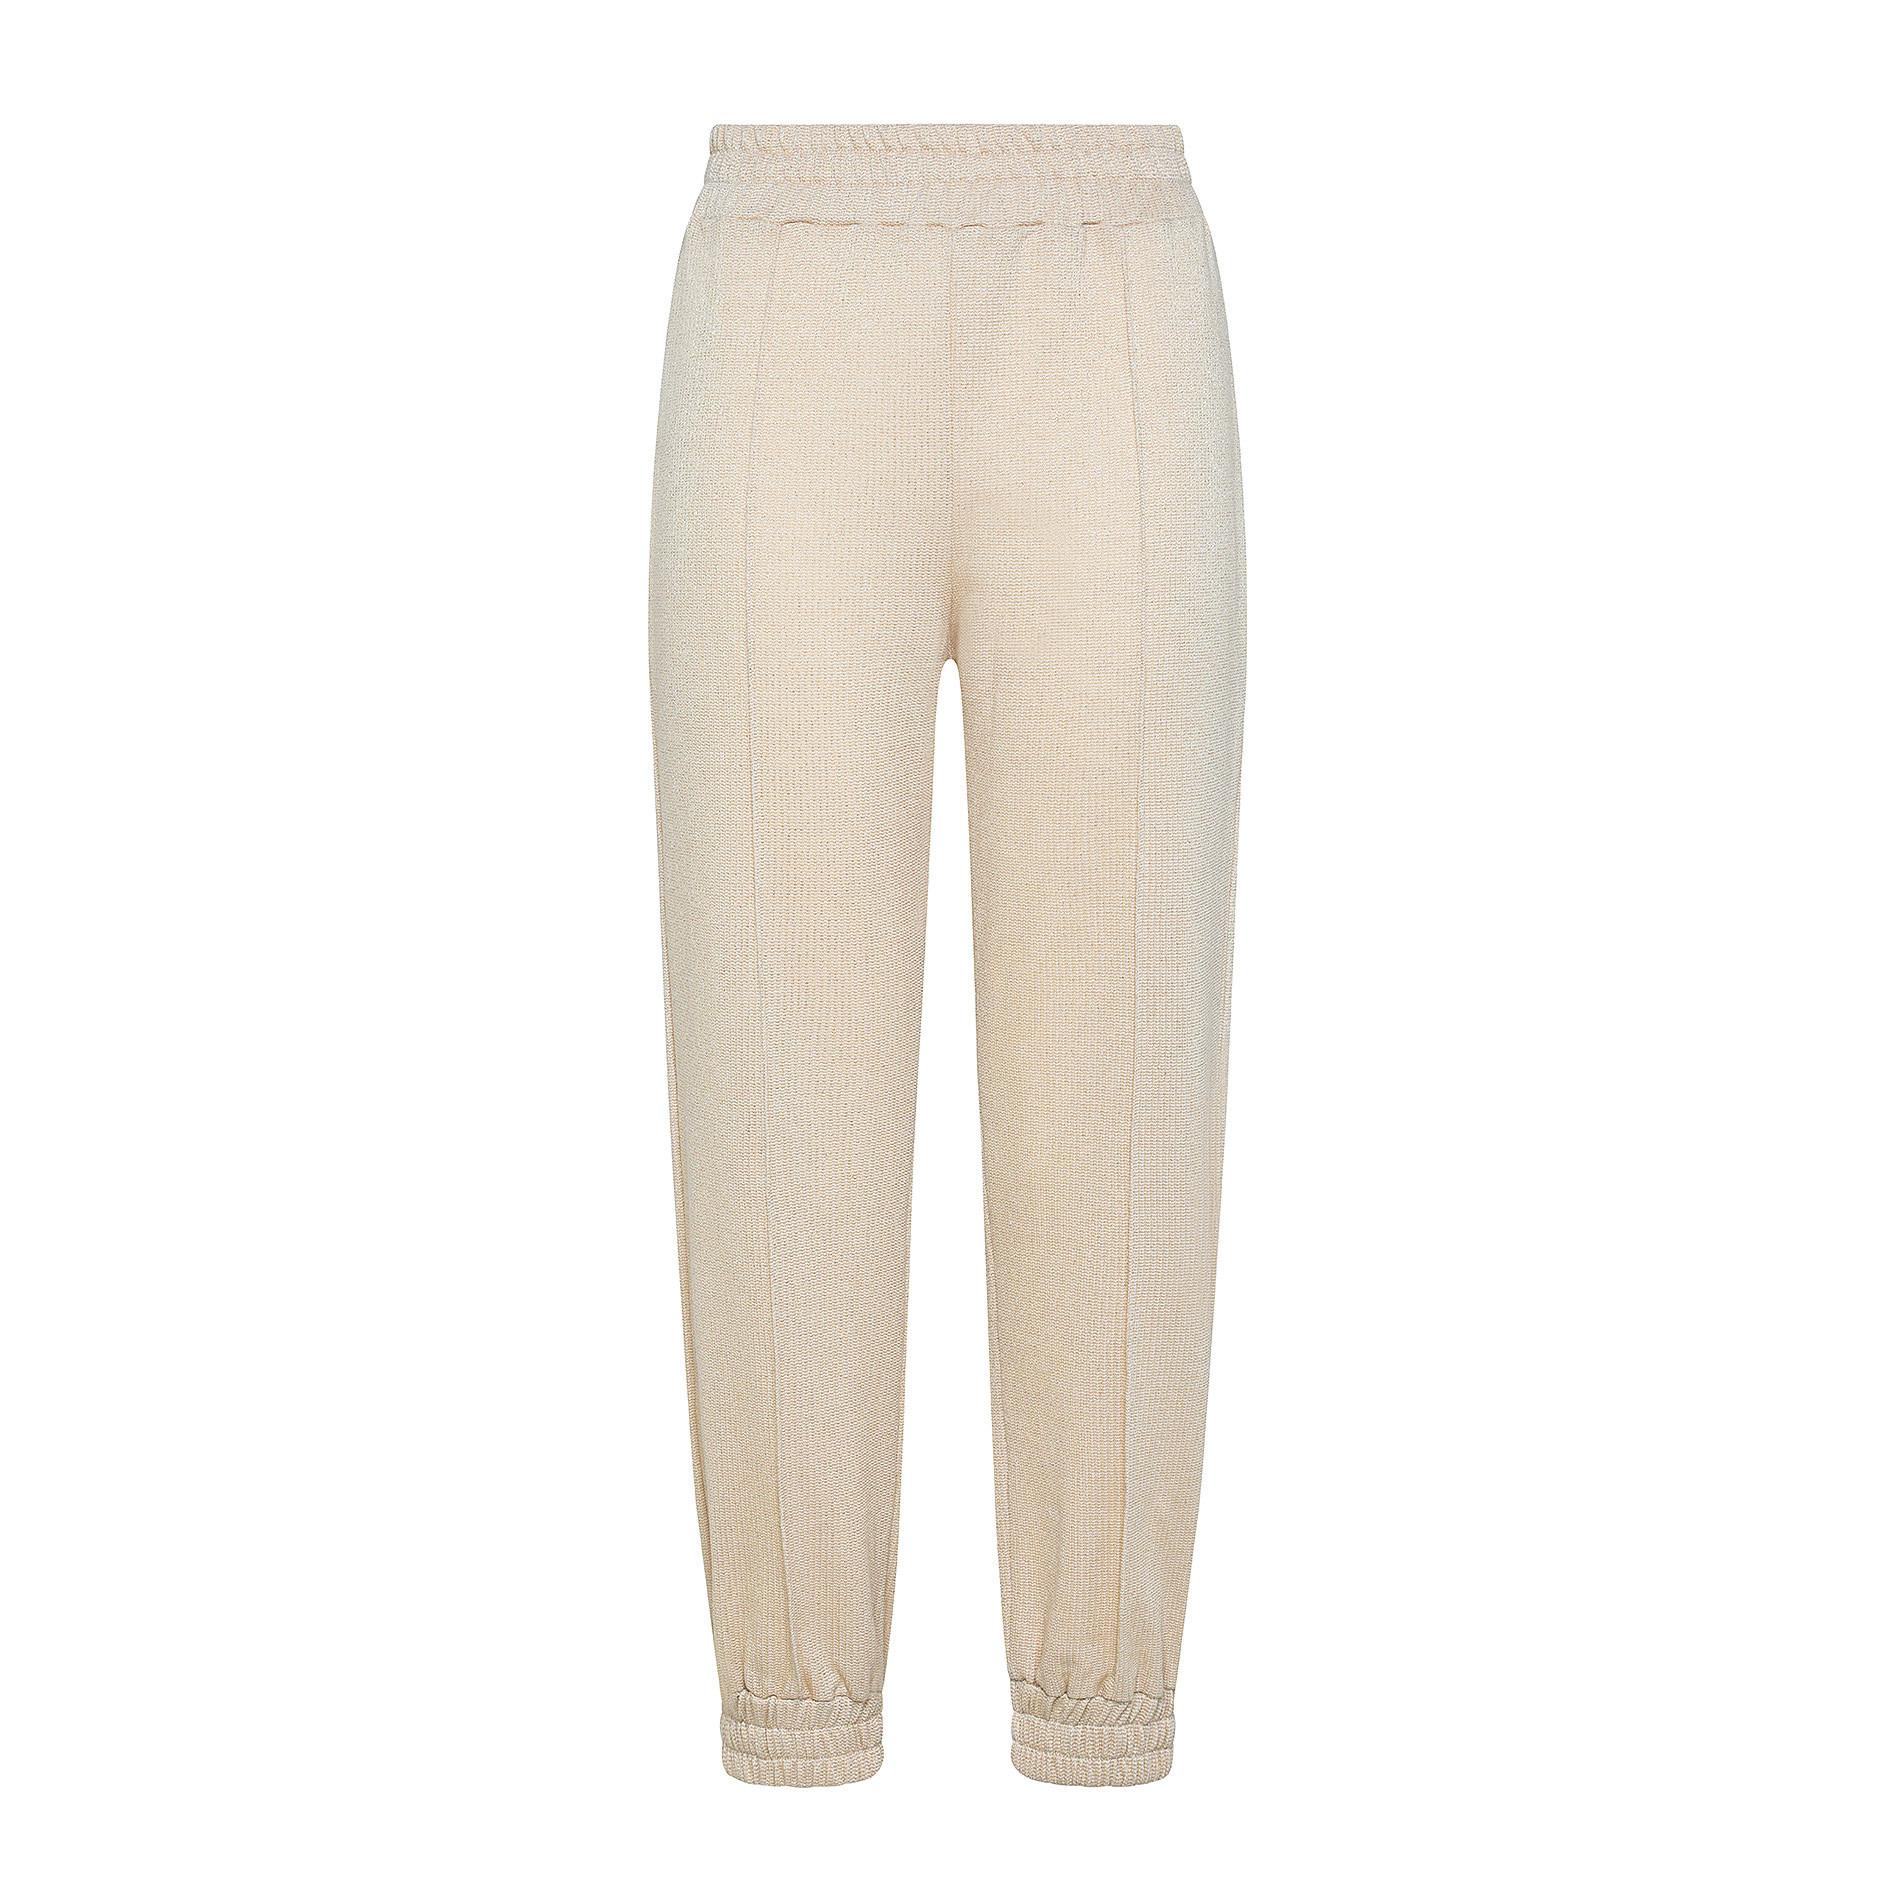 Pantalone tessuto leggero lurex Koan, Beige chiaro, large image number 0